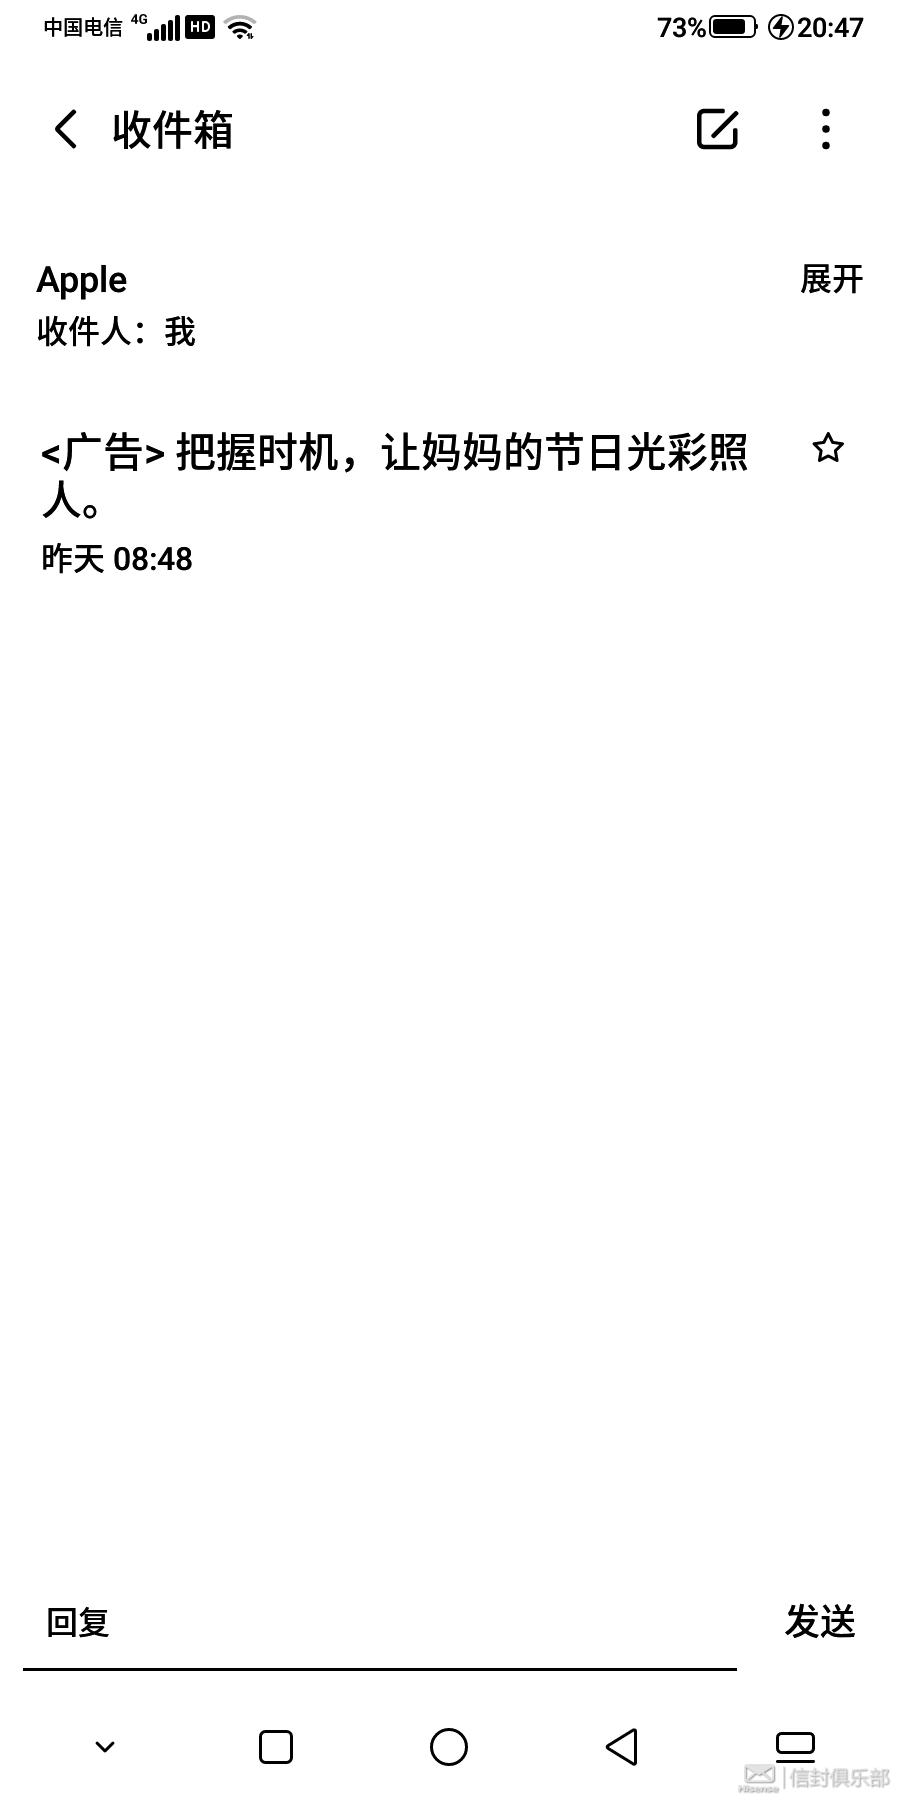 Screenshot_20210507_204738123_**邮件.jpg